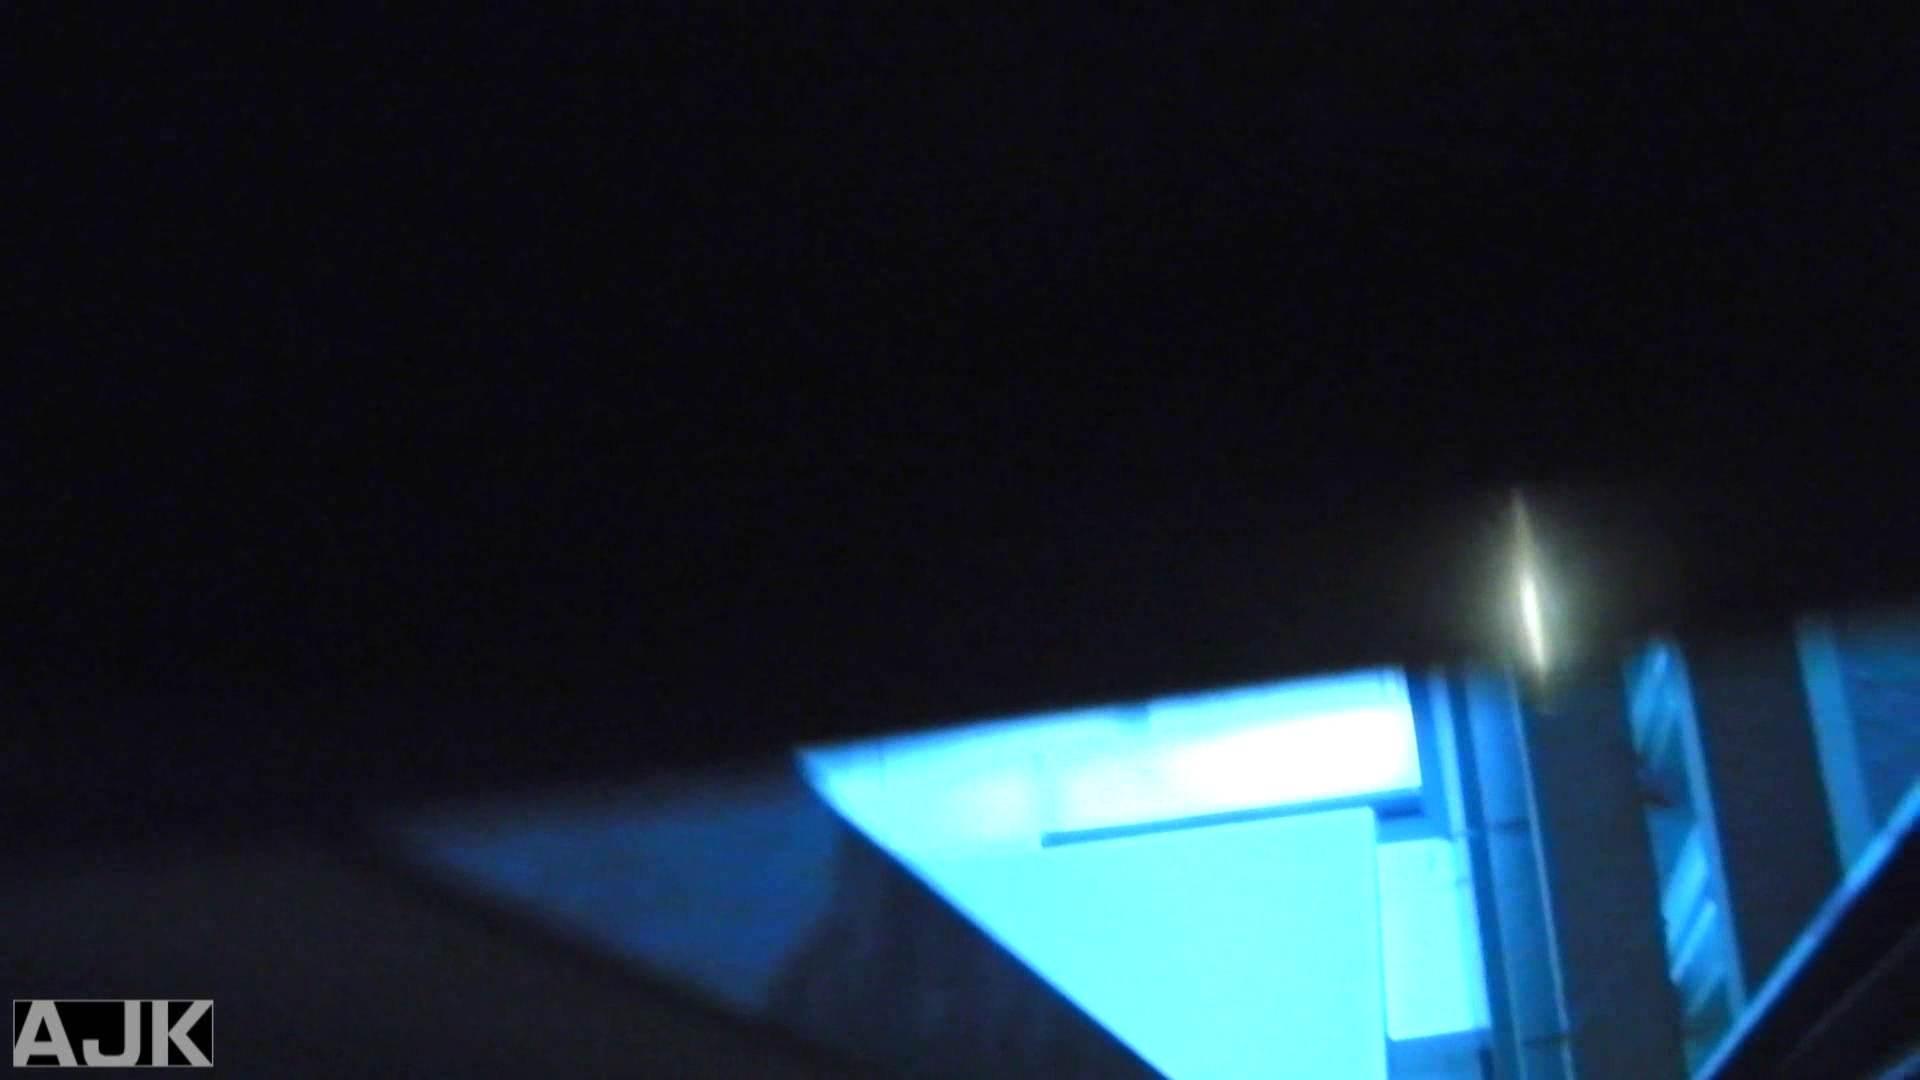 神降臨!史上最強の潜入かわや! vol.22 マンコ 盗み撮り動画キャプチャ 98連発 67